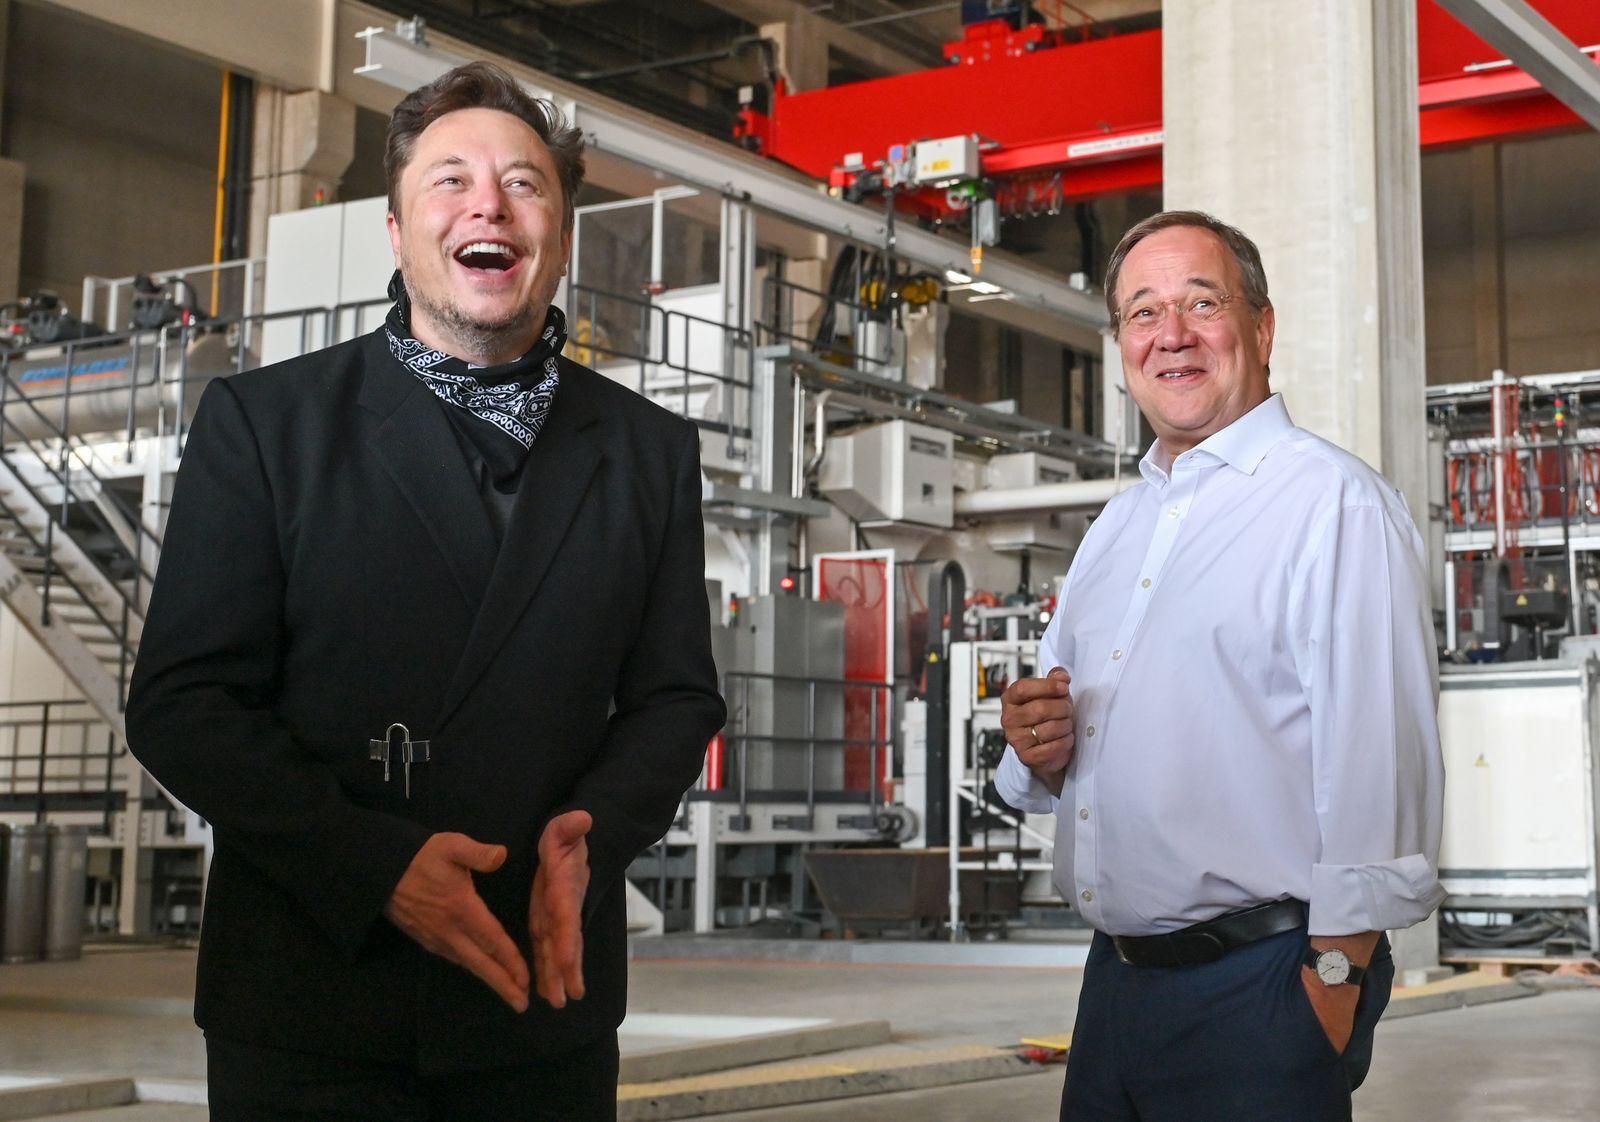 Wahlkampf CDU - Laschet und Musk besuchen Tesla Fabrik